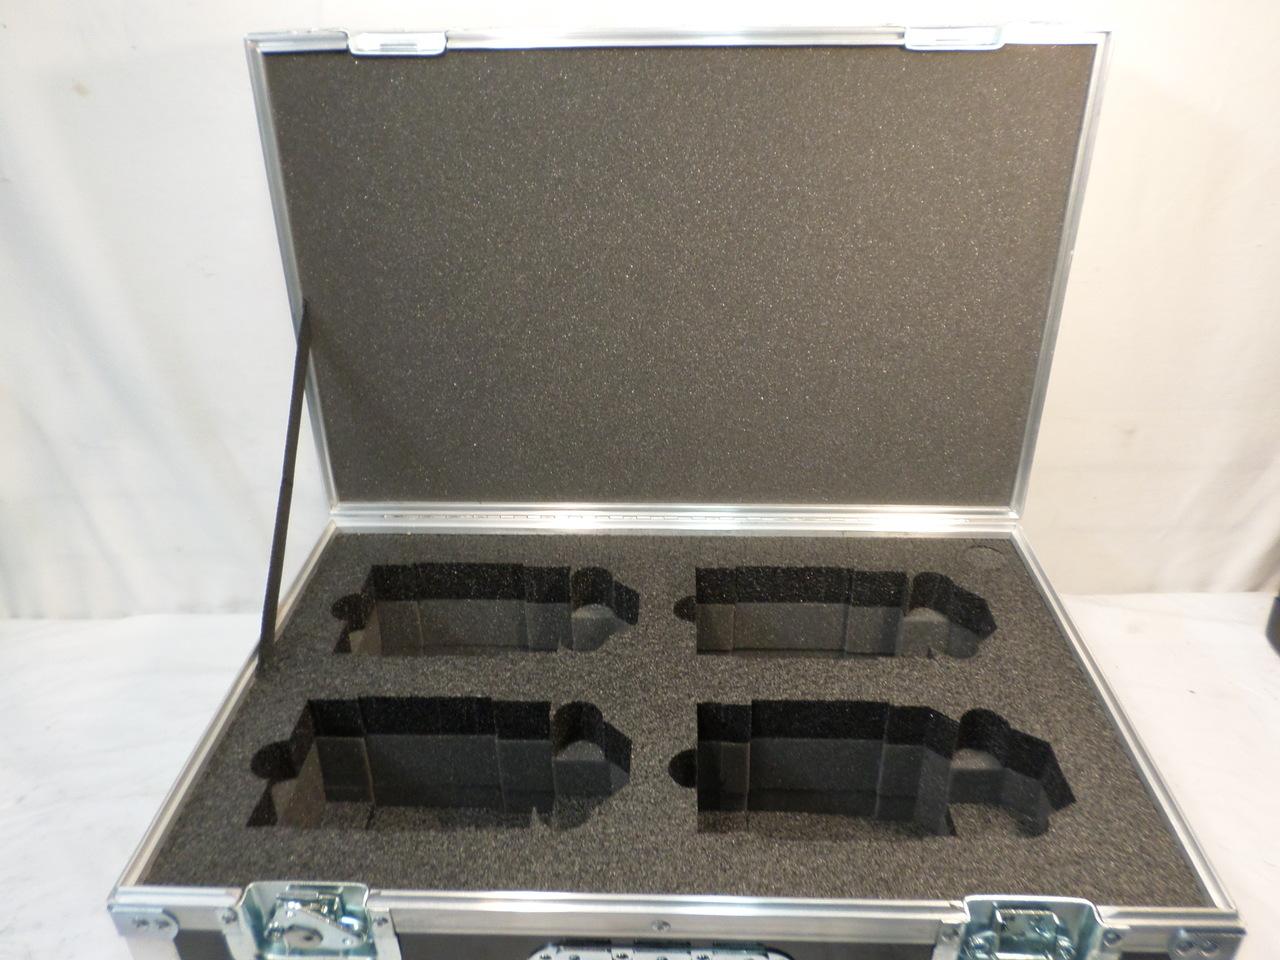 Cooke S7/i Full Frame Plus Primes T2.0 (50mm, 75mm, 100mm, & 135mm)